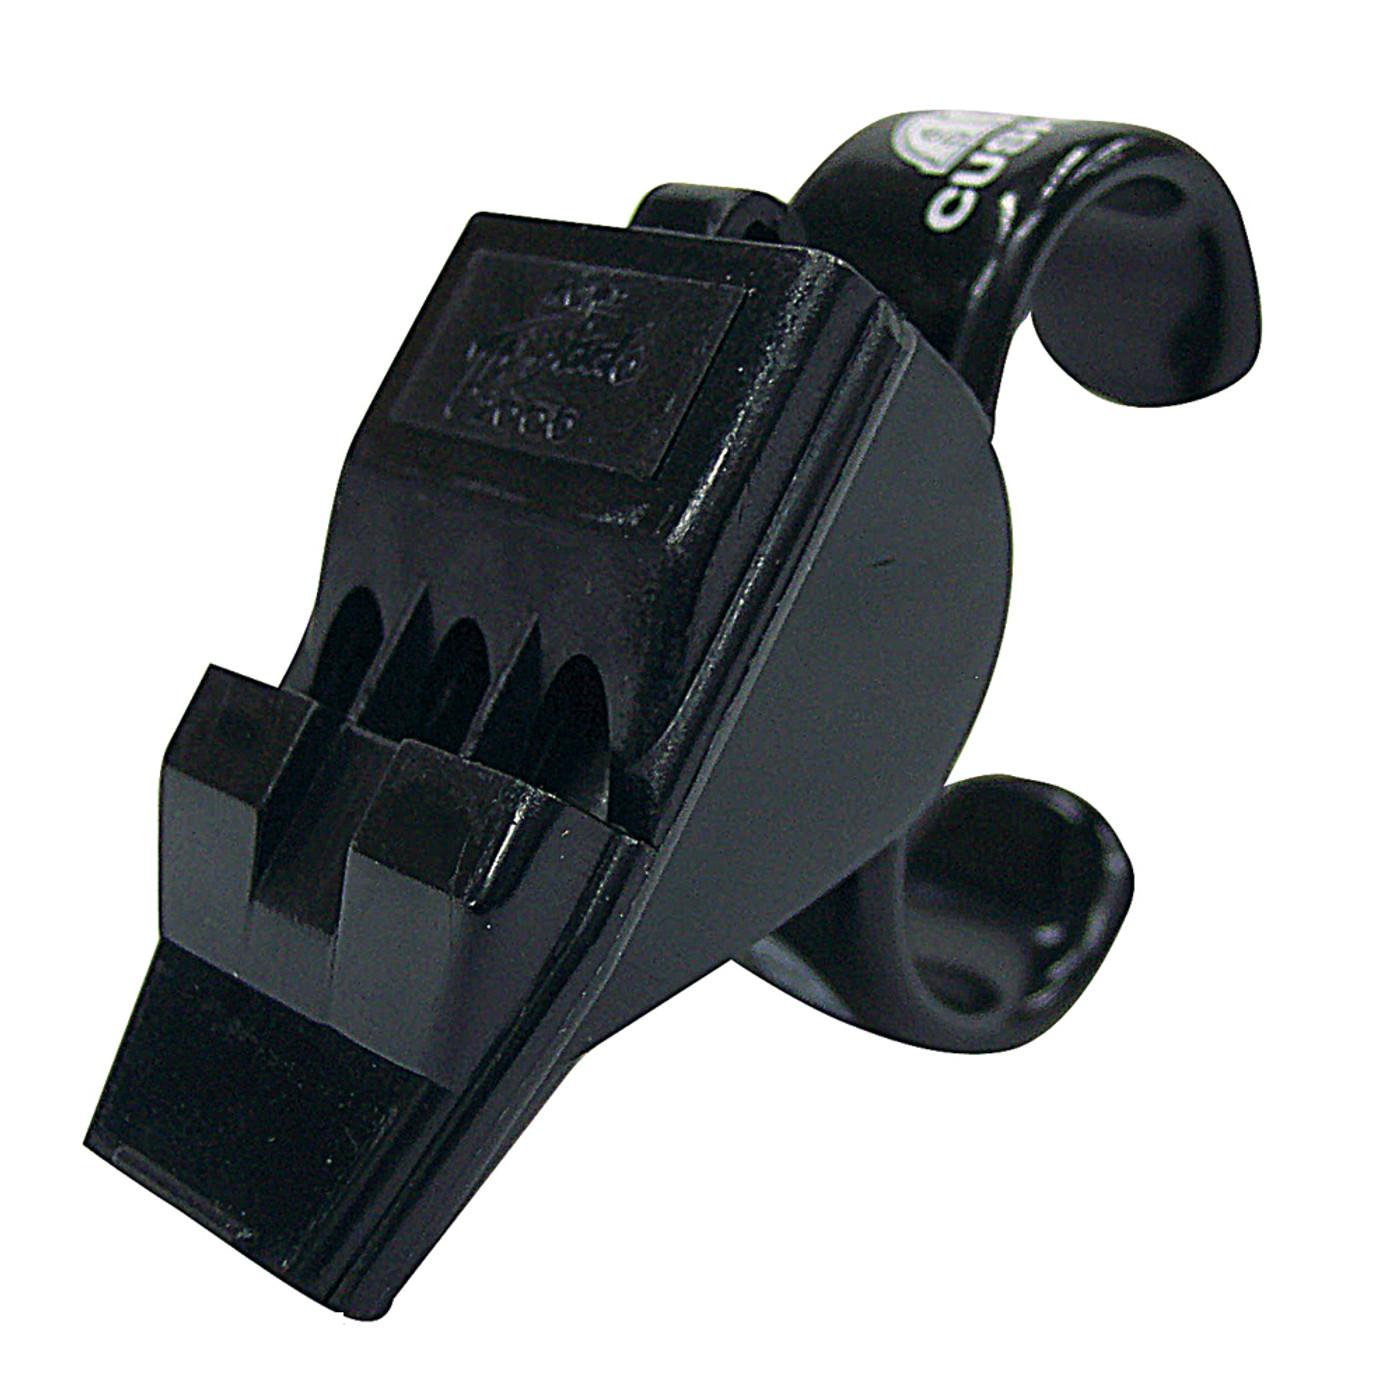 1413FG Acme Tornado FG 2000 Whistle